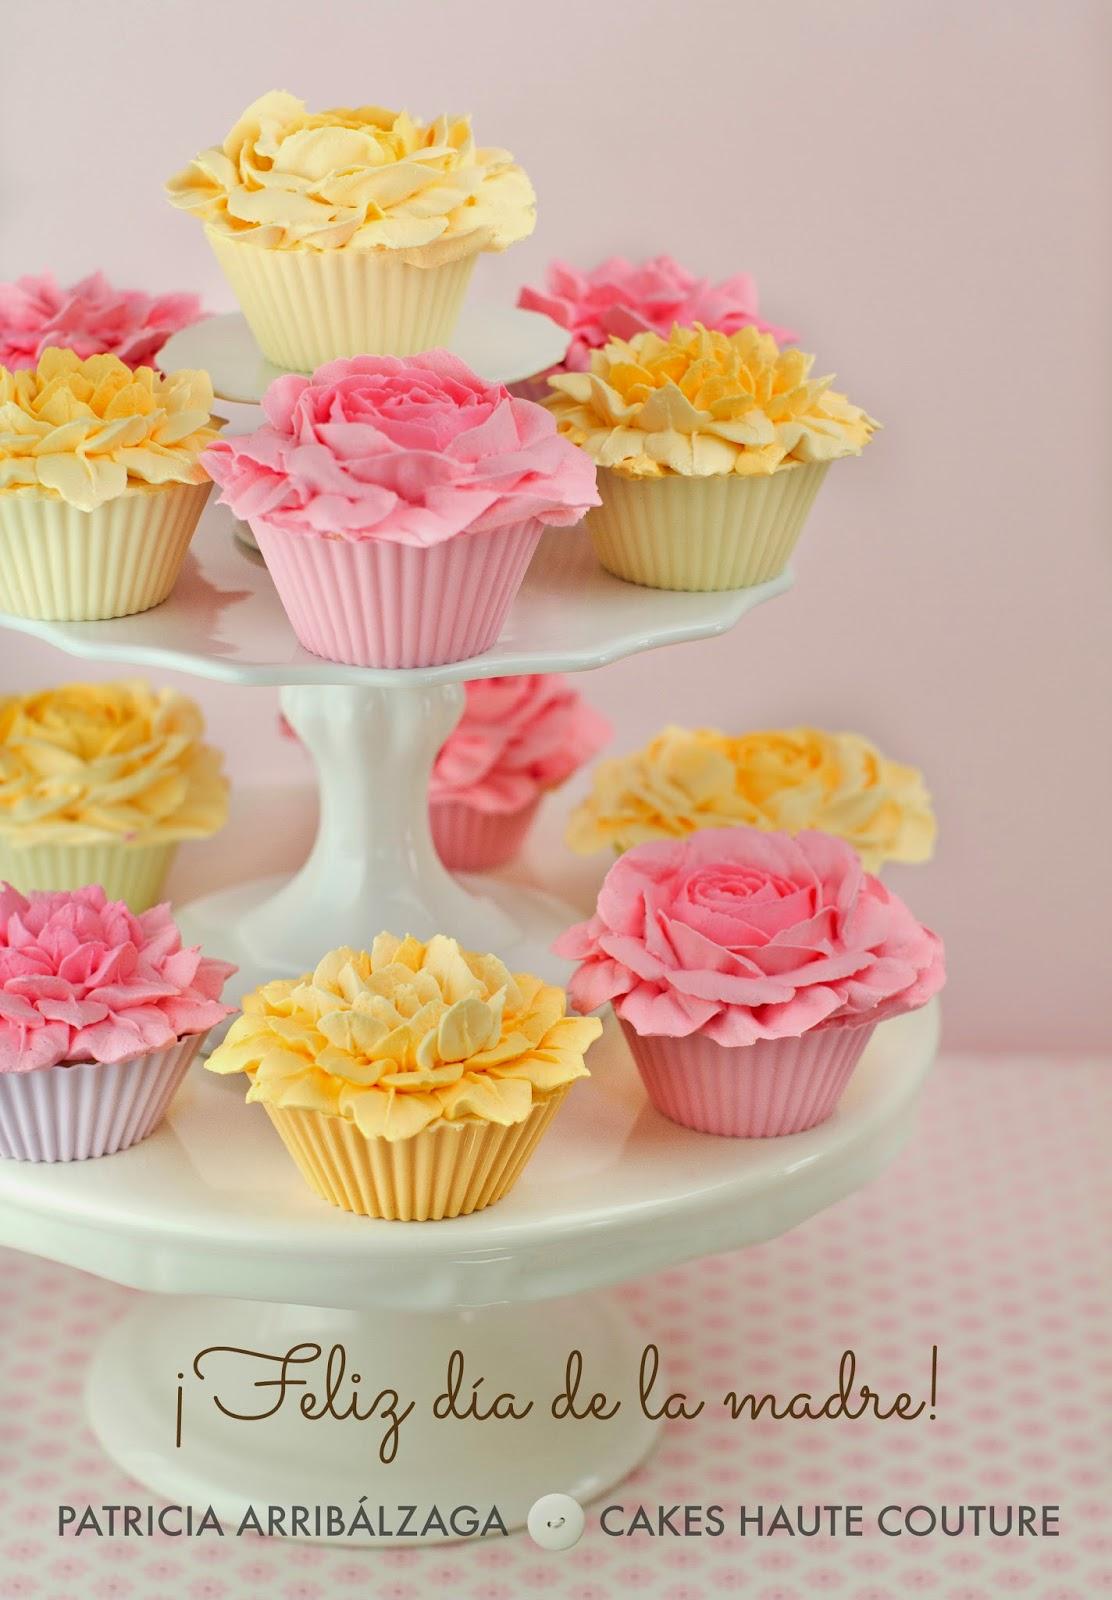 curso de cupcakes online de Patricia Arribálzaga